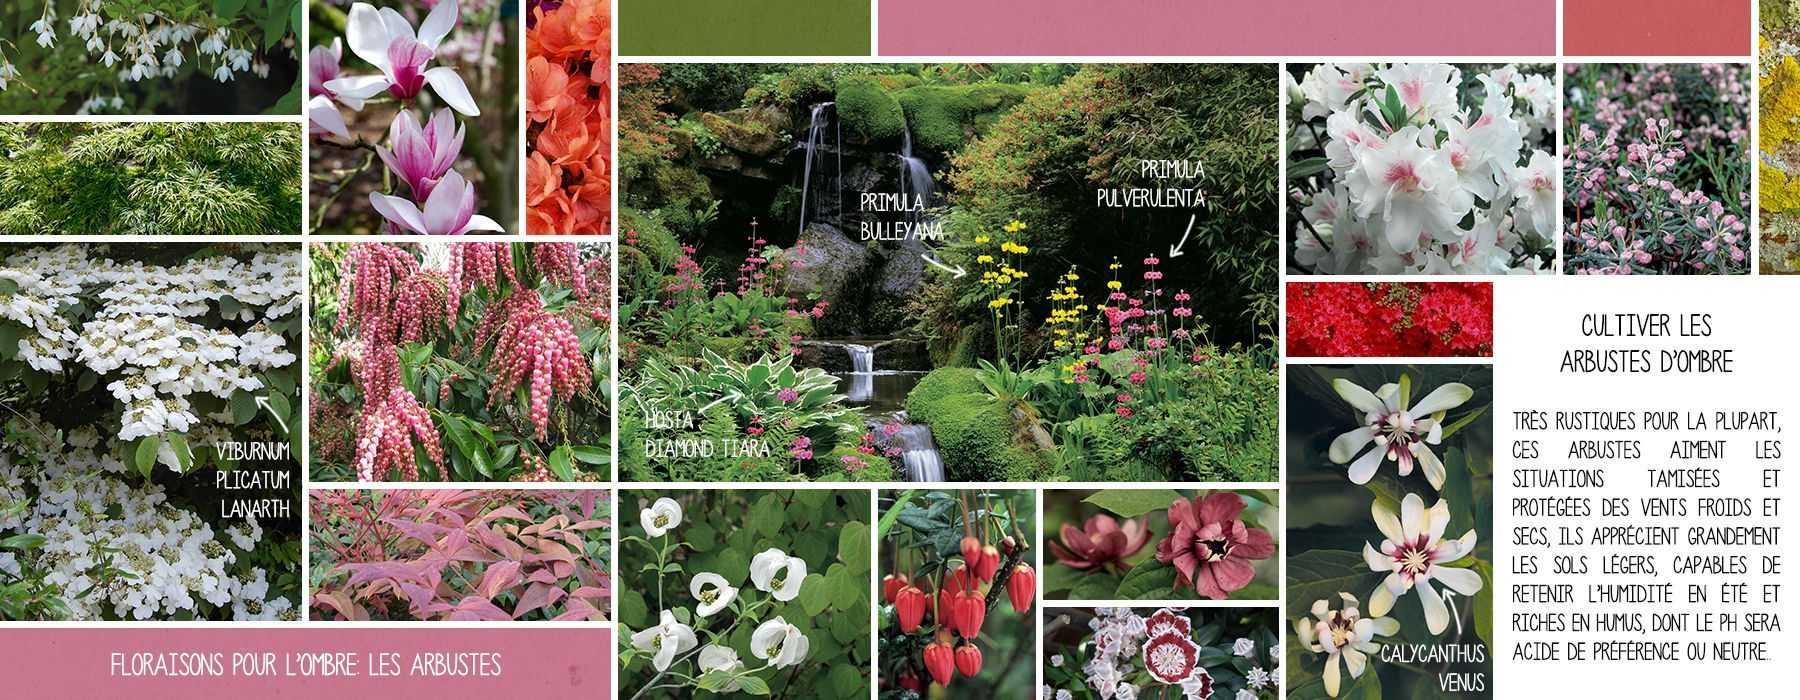 floraisons pour l 39 ombre les arbustes promesse de fleurs. Black Bedroom Furniture Sets. Home Design Ideas